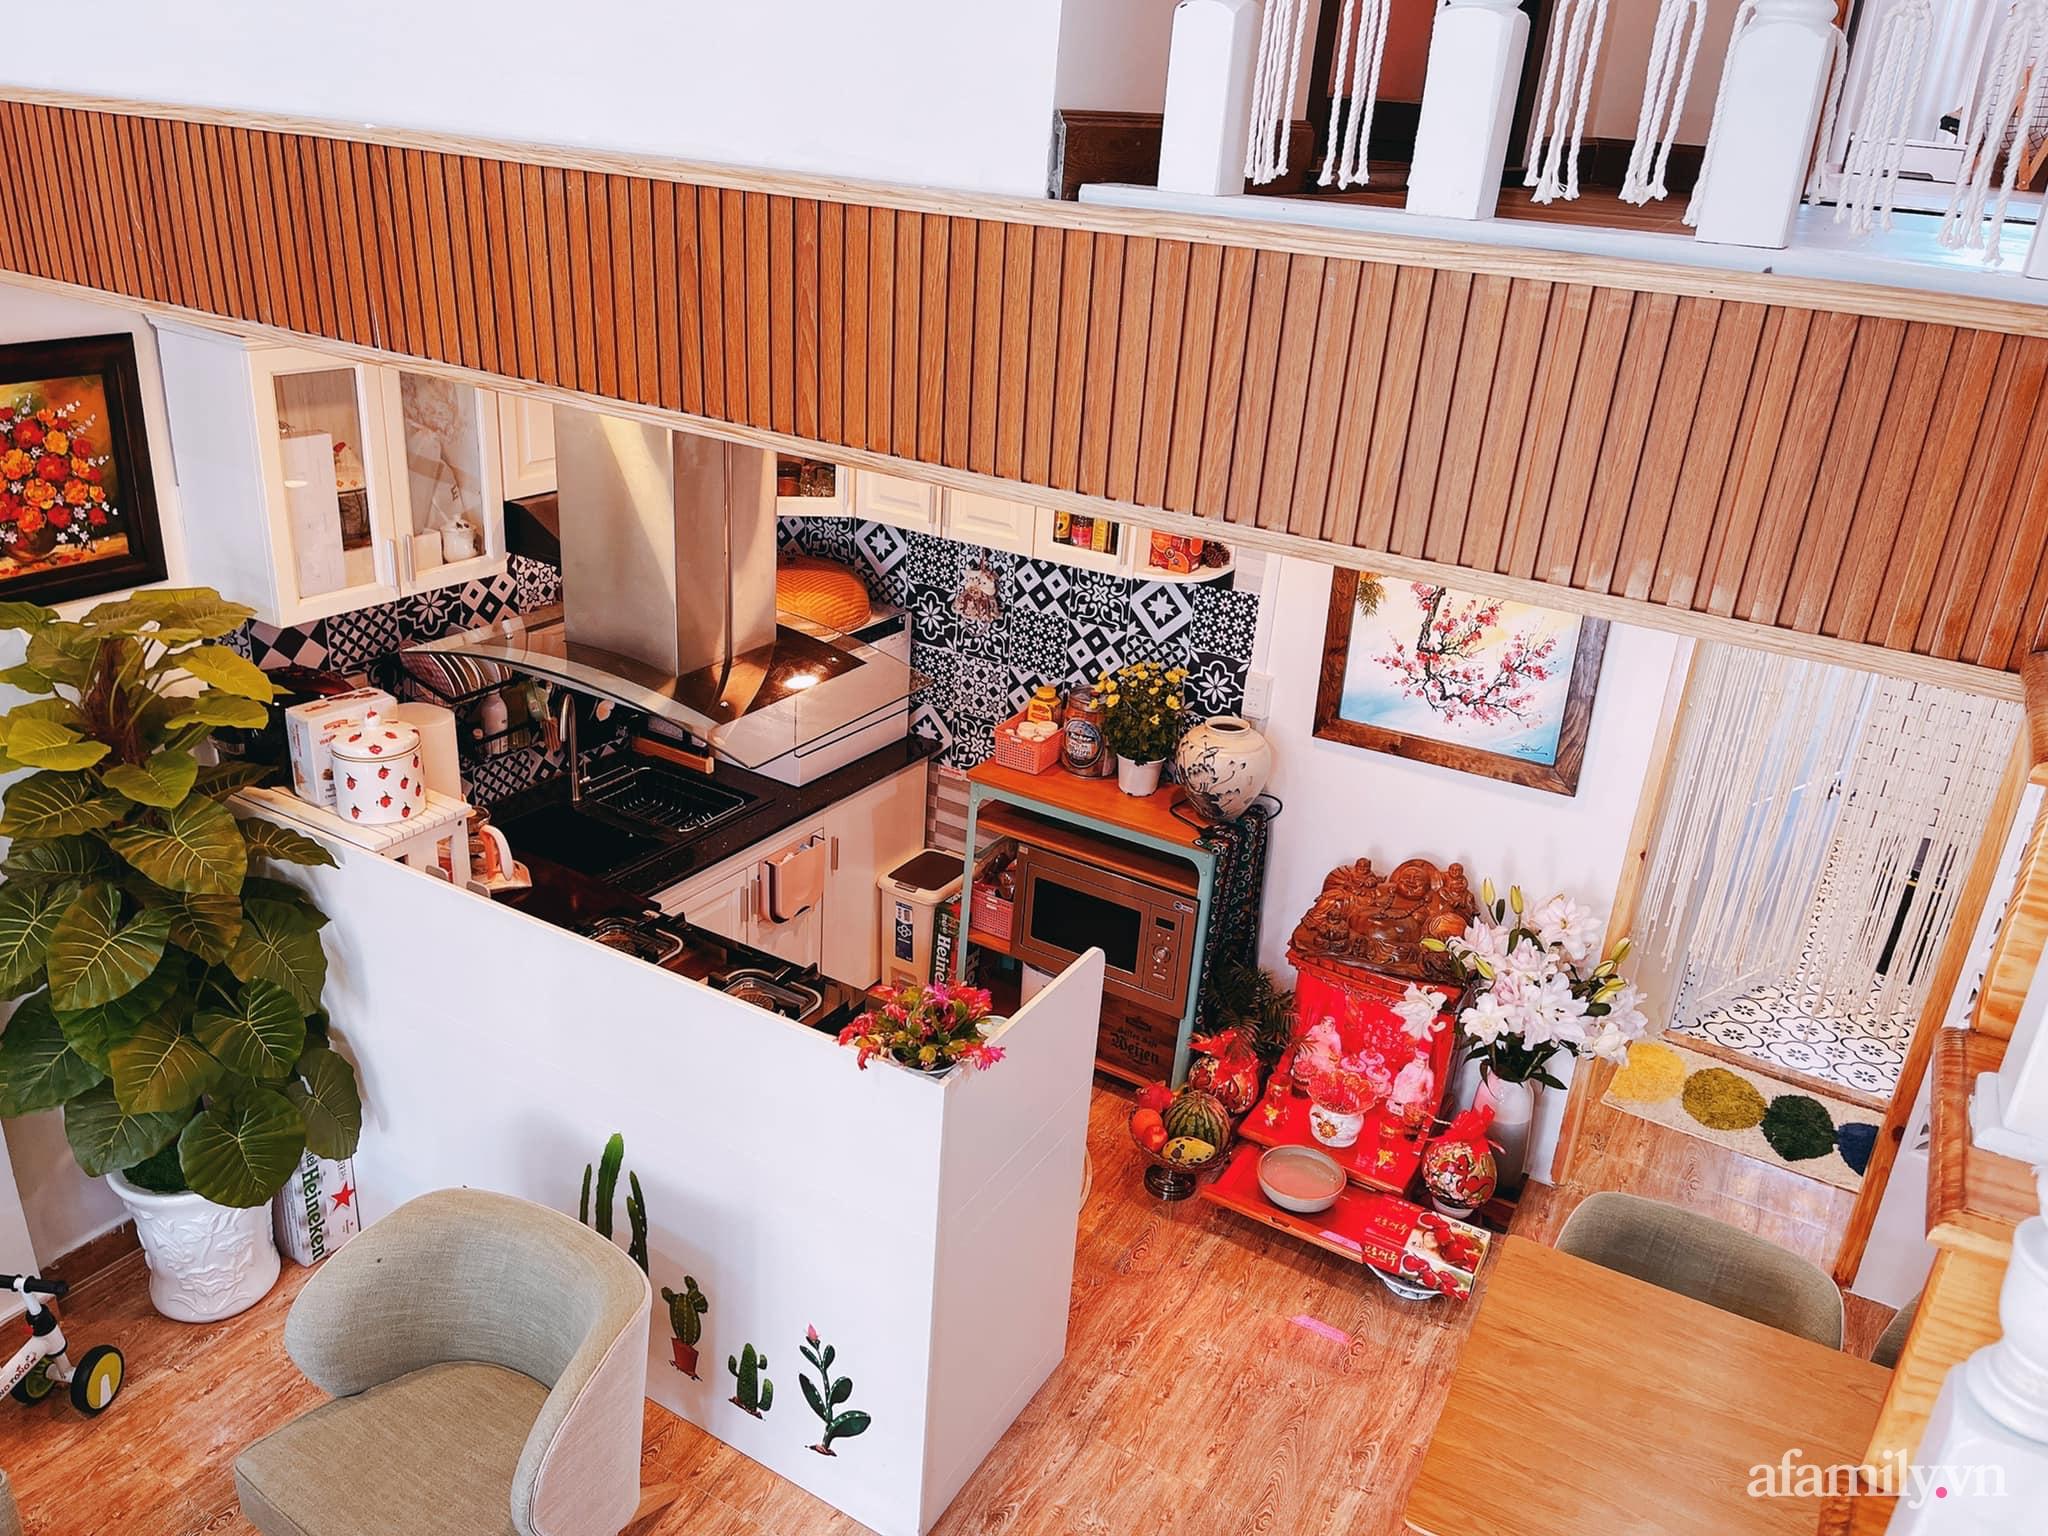 Mua lại căn nhà 63m², cặp vợ chồng trẻ cải tạo thành không gian sống ấm cúng, tiện nghi đủ đường ở Đà Lạt - Ảnh 2.